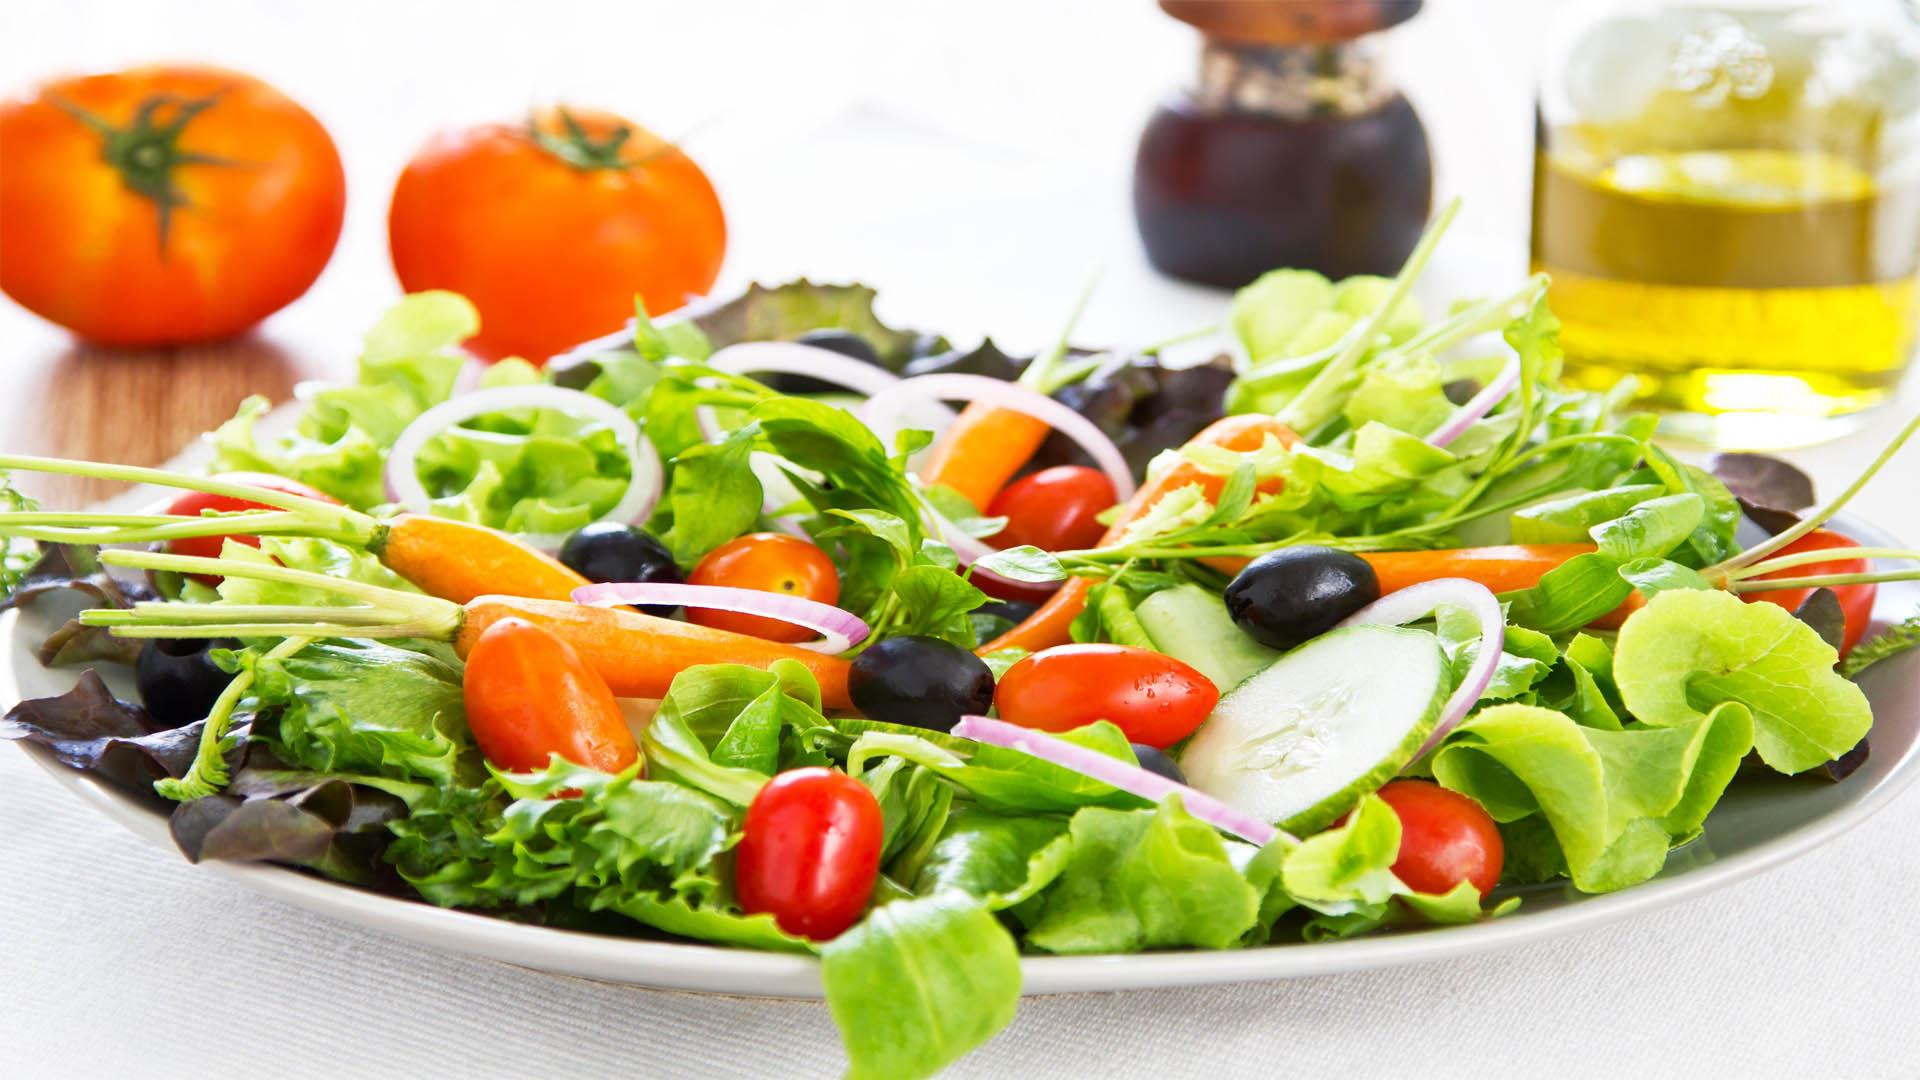 Incluir una buena porción de ensalada a la hora de comer va a aportar una gran cantidad de vitaminas y nutrientes